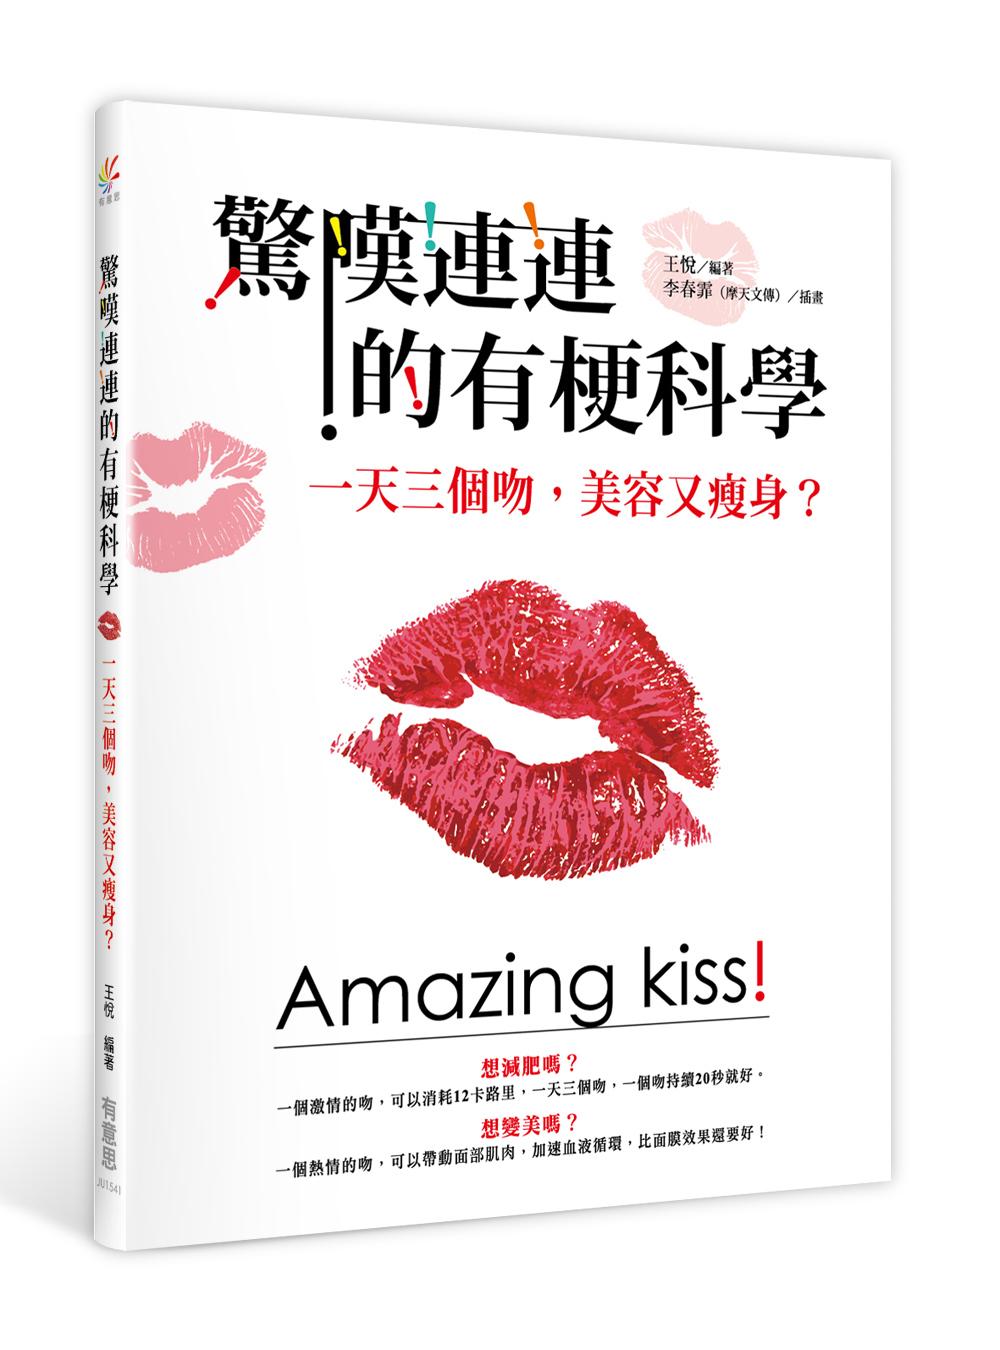 驚嘆連連的有梗科學:一天三個吻,美容又瘦身?